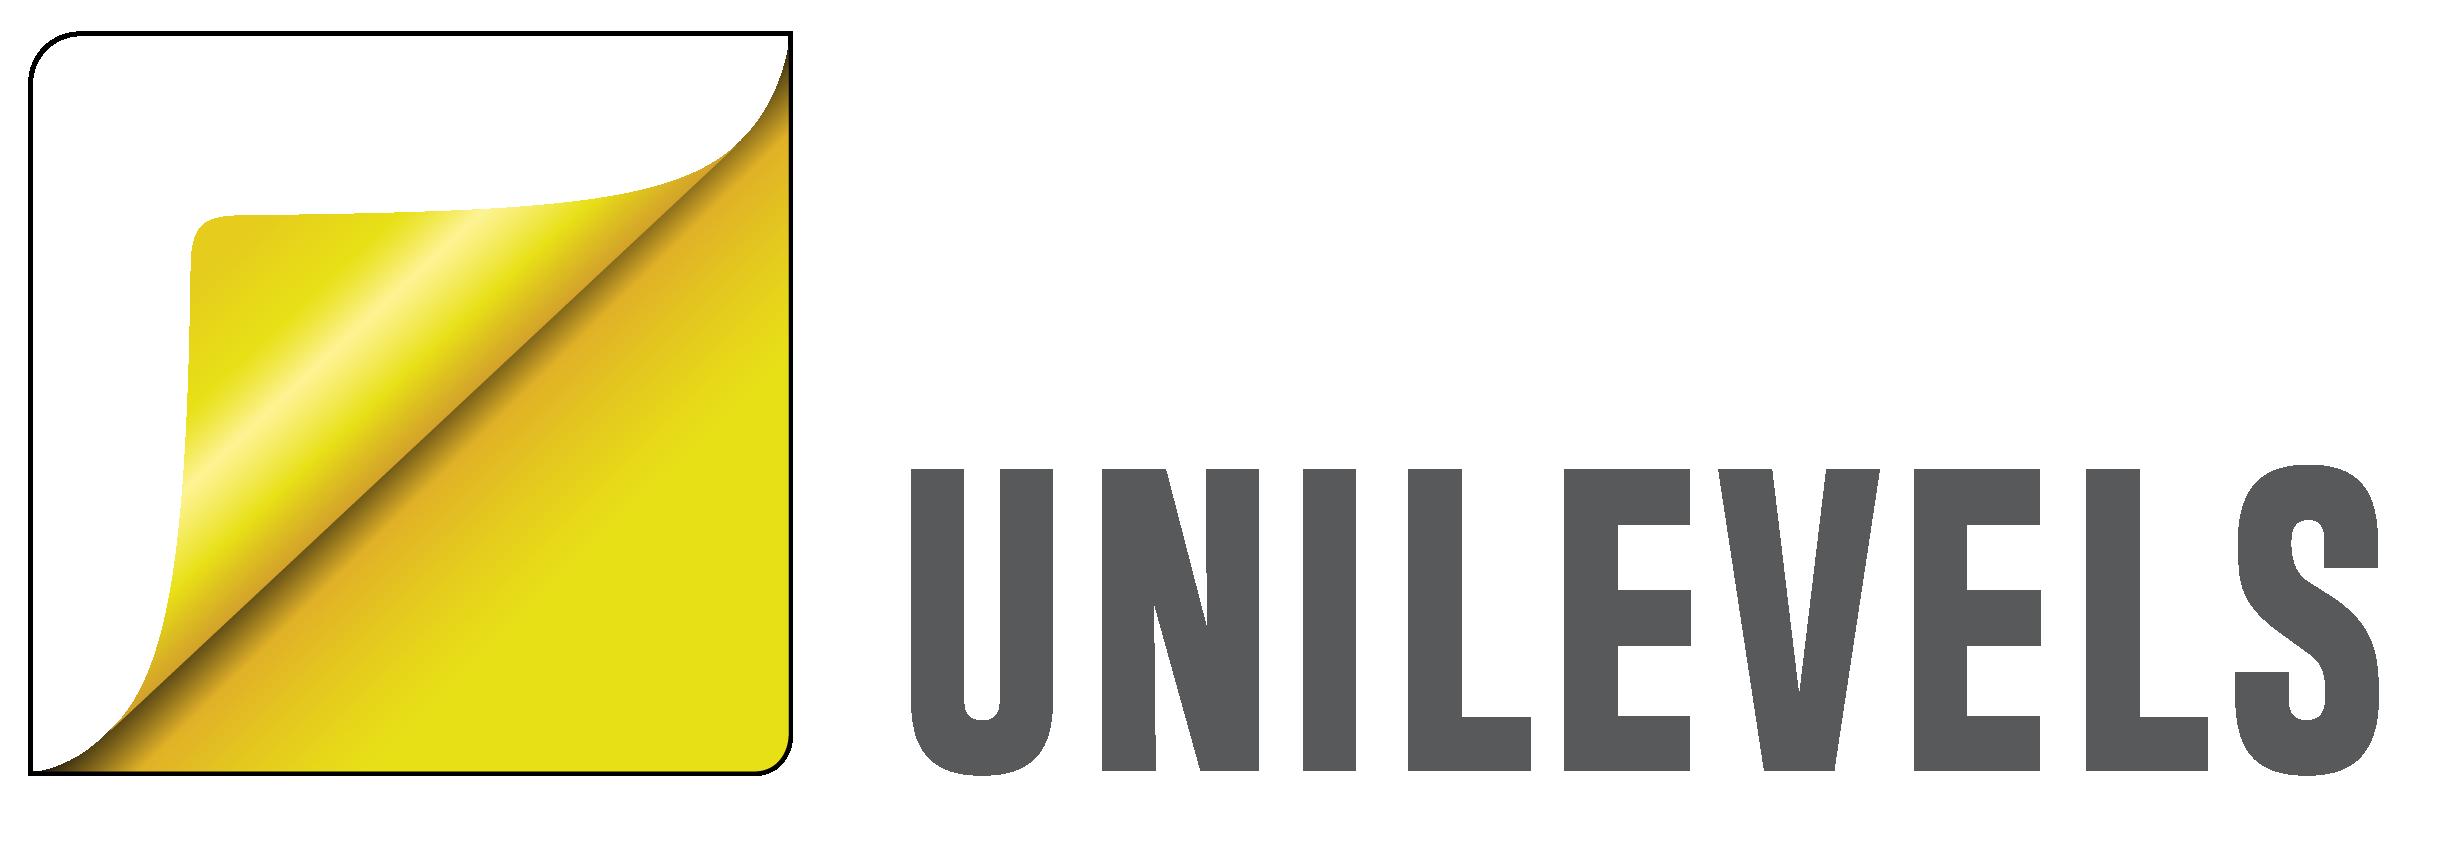 Unilevels